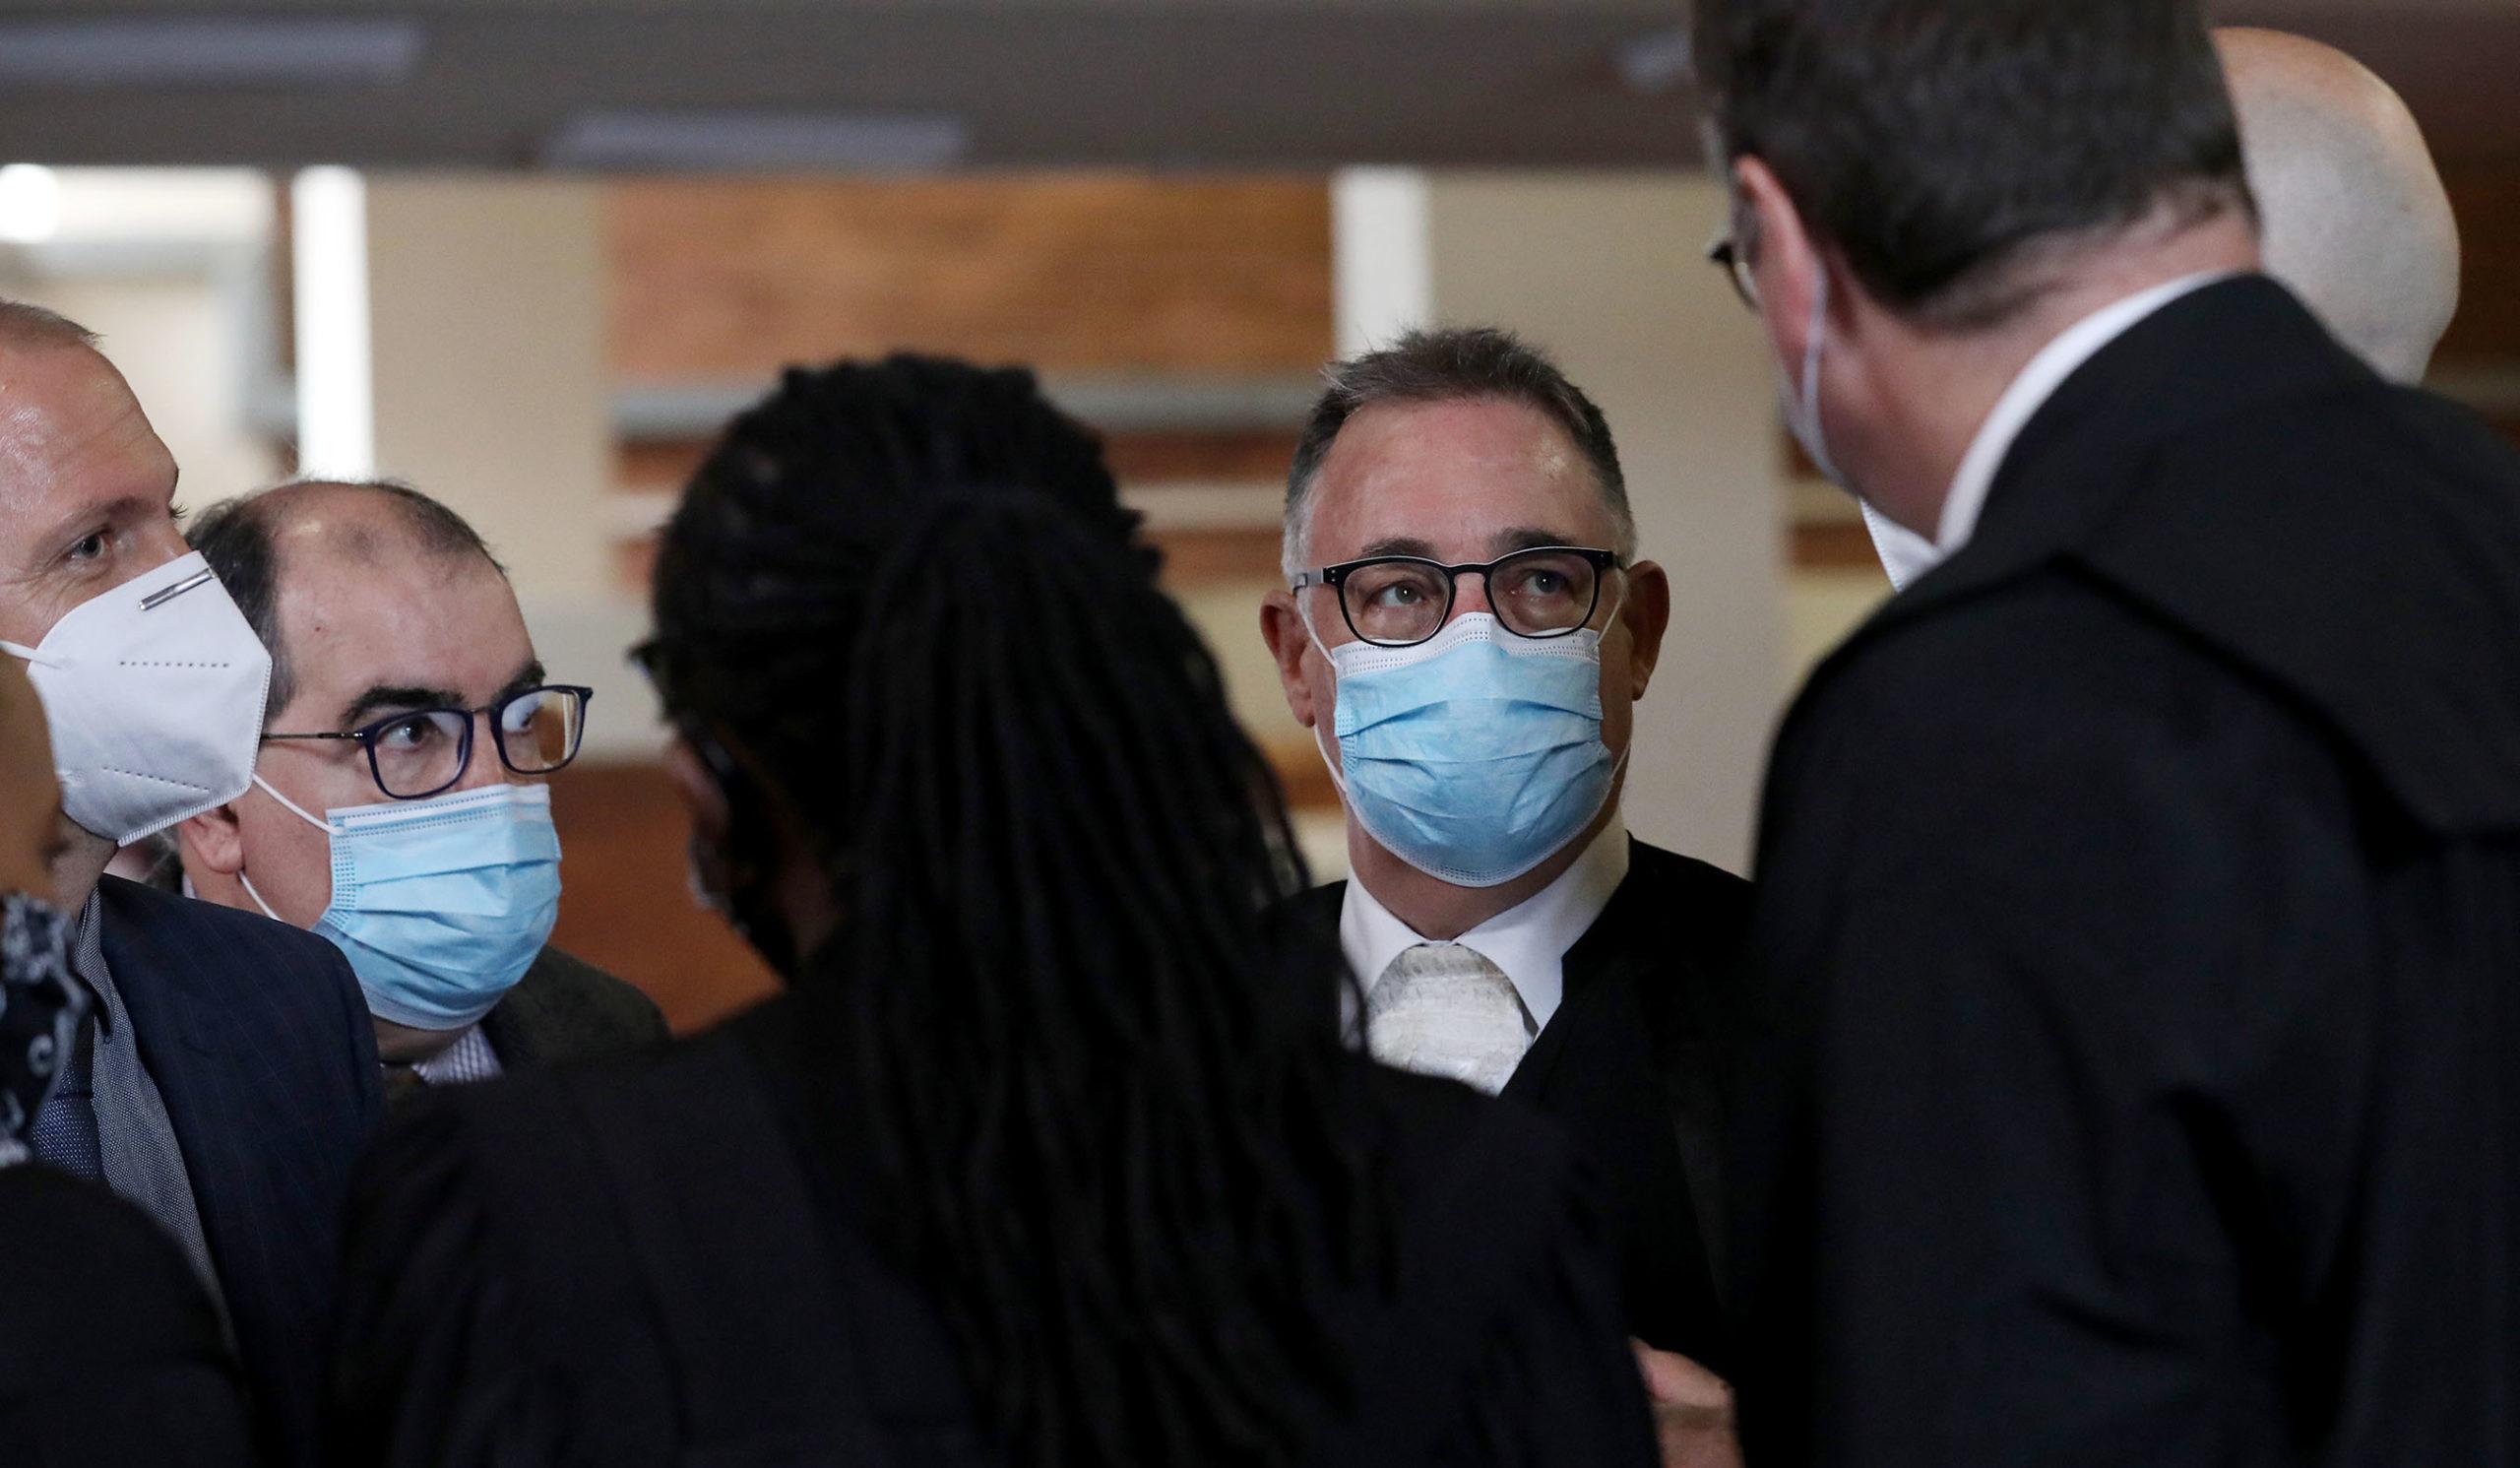 NPA rips into Zuma's bid to have prosecutor removed f... - Daily Maverick